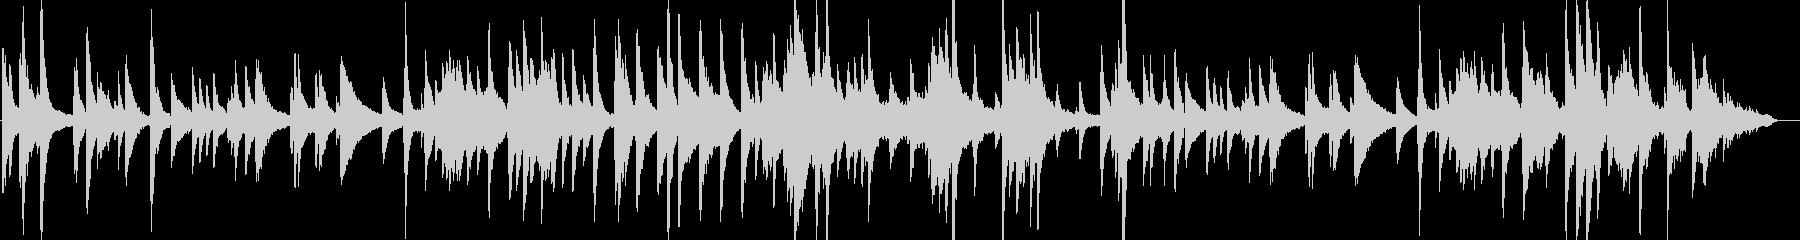 妖艶な響きのスロージャズピアノ楽曲の未再生の波形